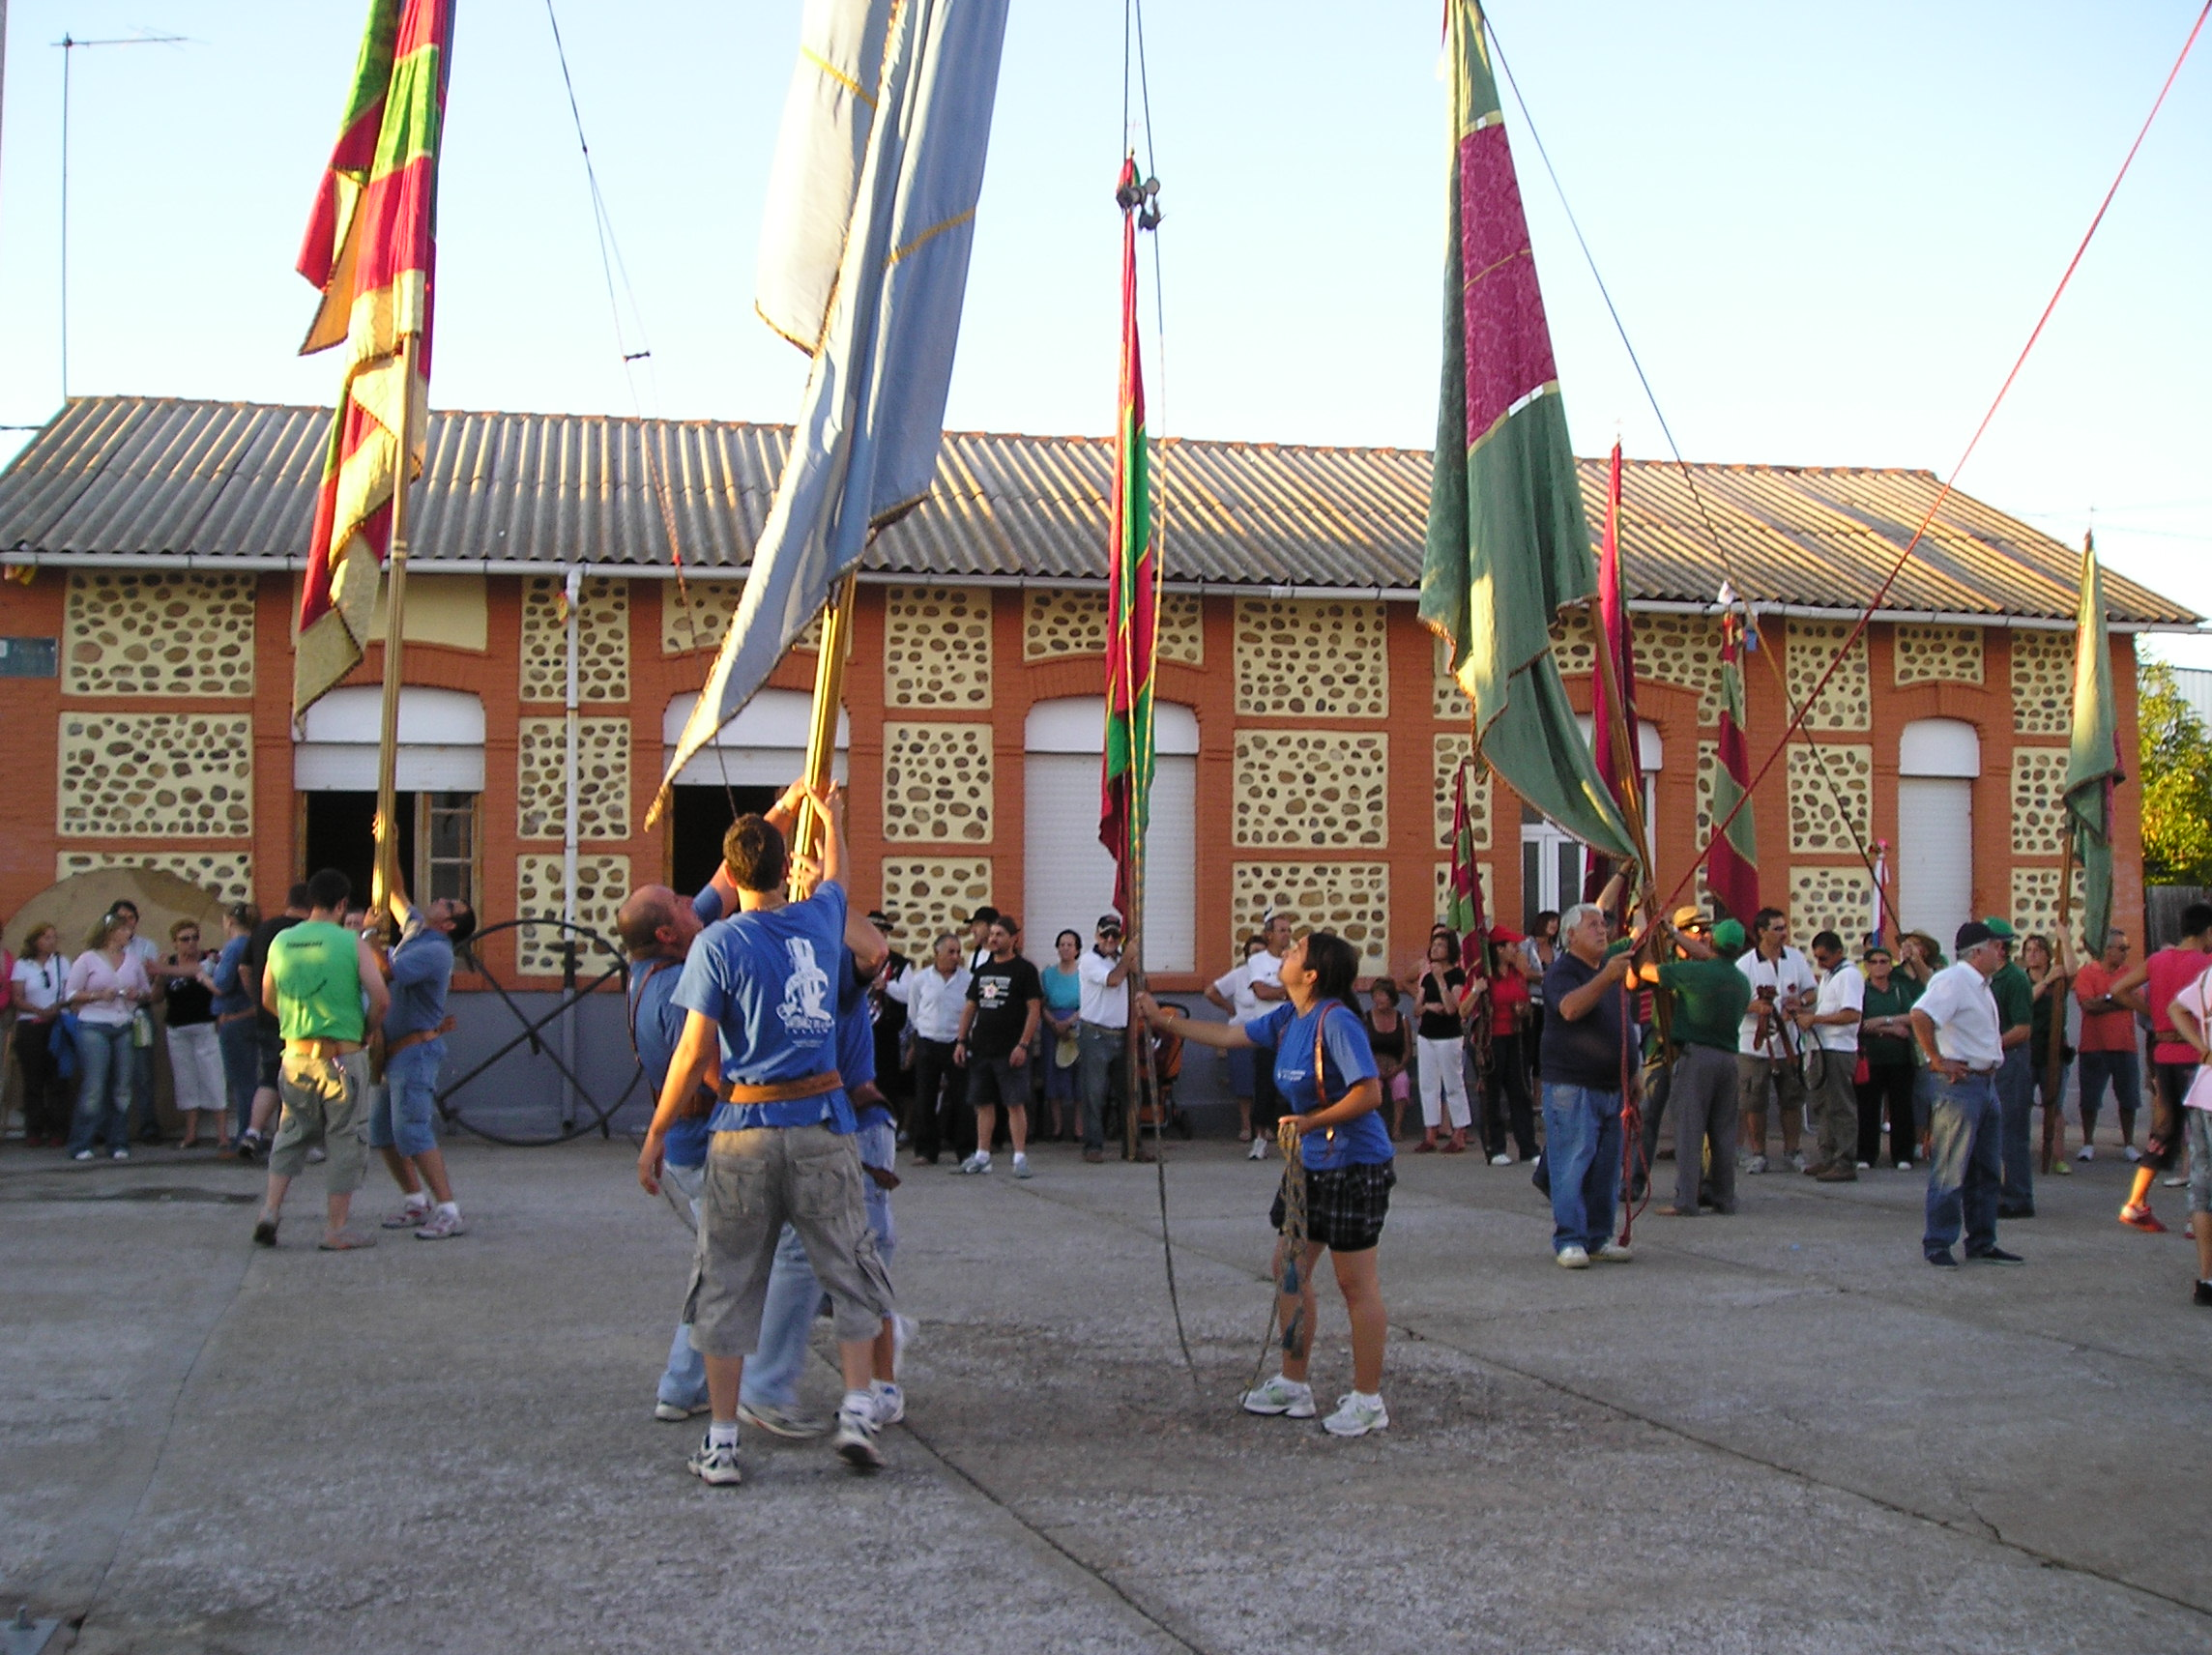 Los pendones asistentes en la plaza de Huerga de Frailes